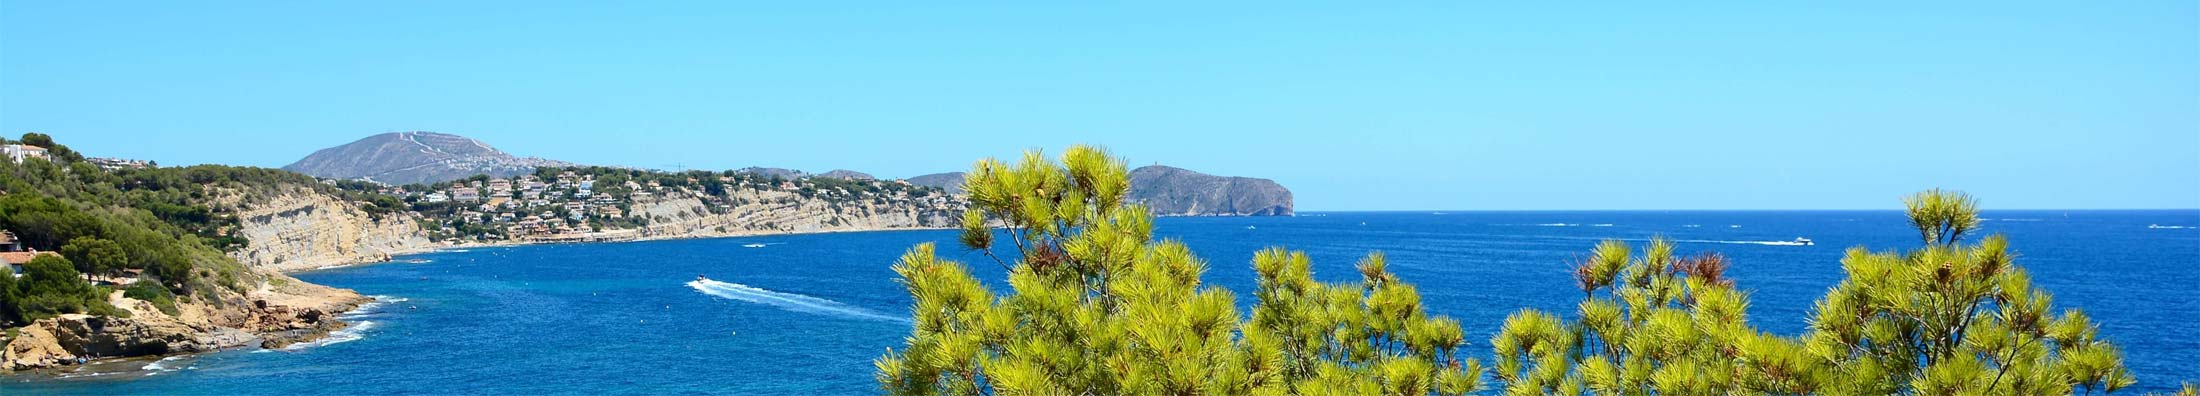 Beste Bed and Breakfast - B&B Casa la Escapada - Valencia - Alicante - Costa Blanca - Benissa - hoofding